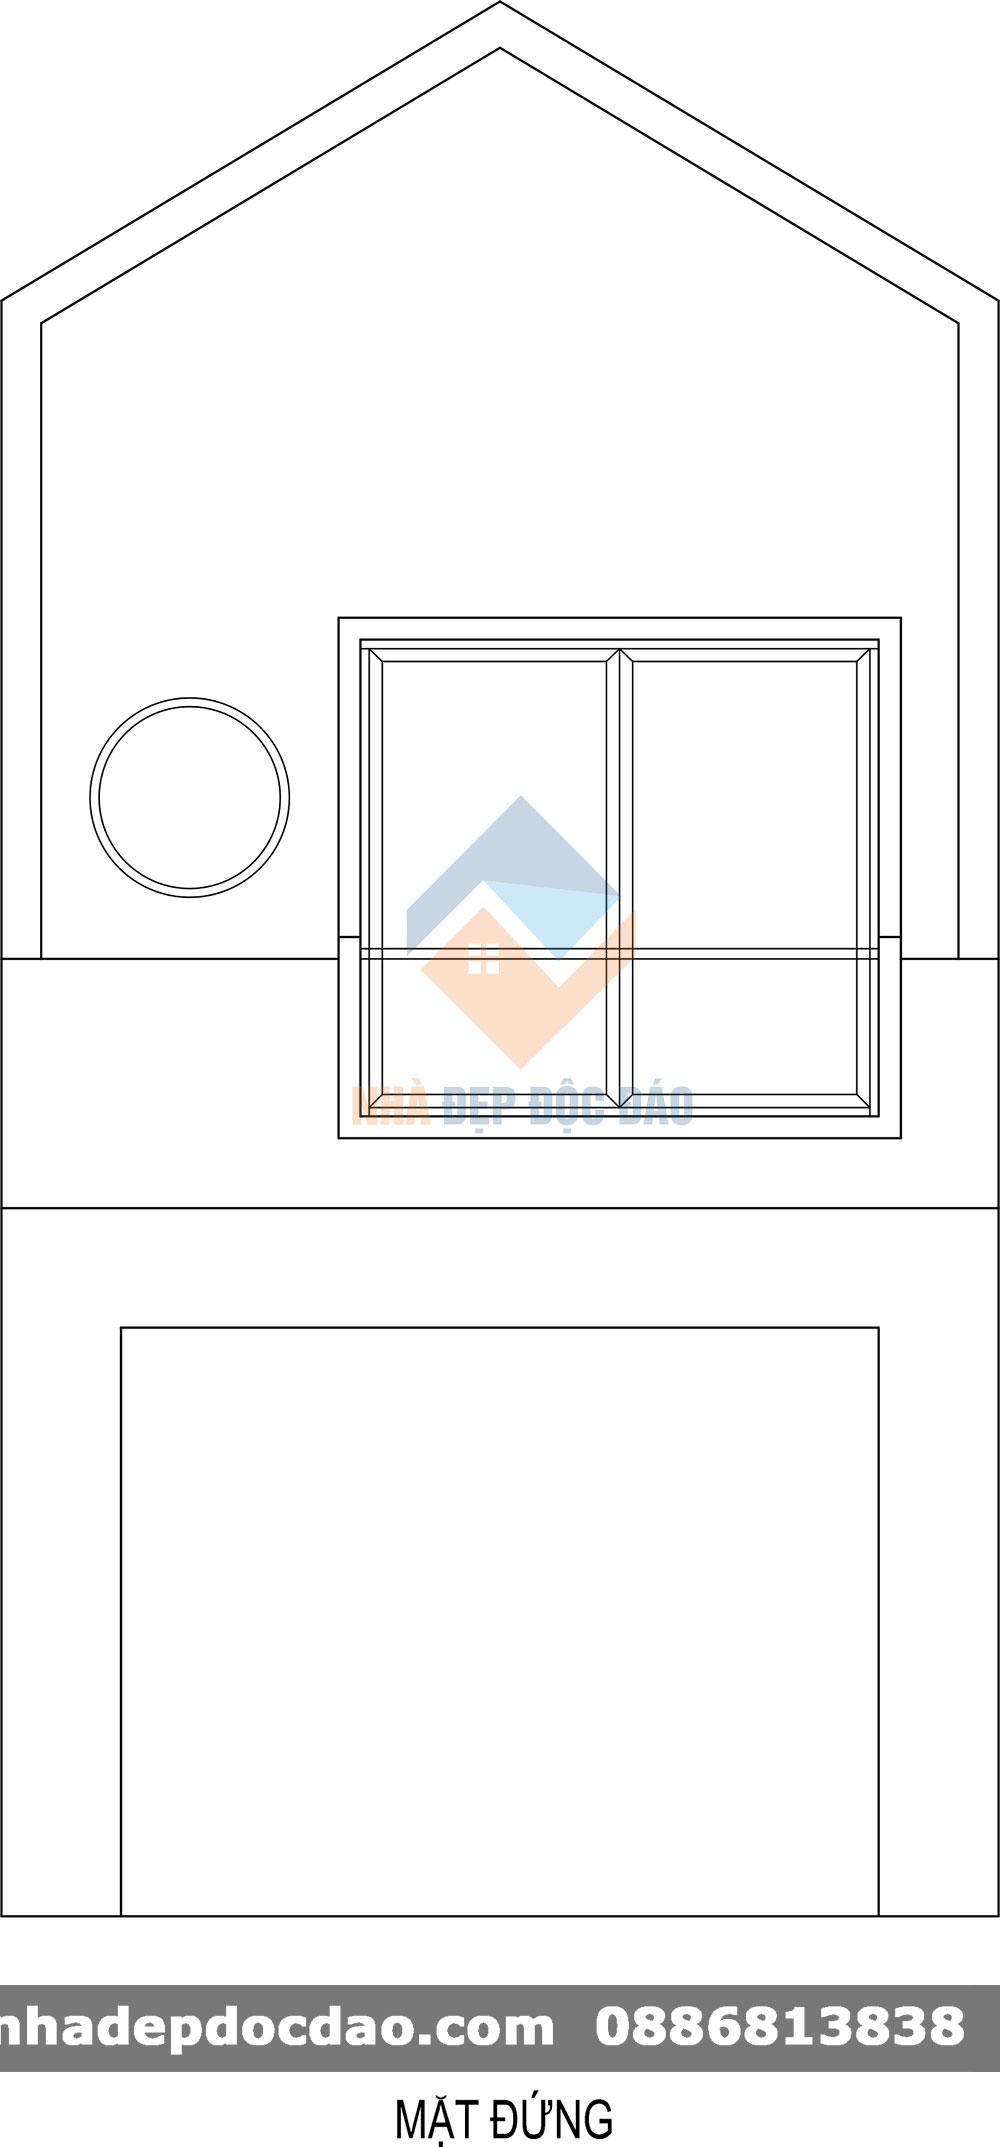 Thiết kế nhà ở kết hợp kinh doanh phong cách hiện đại